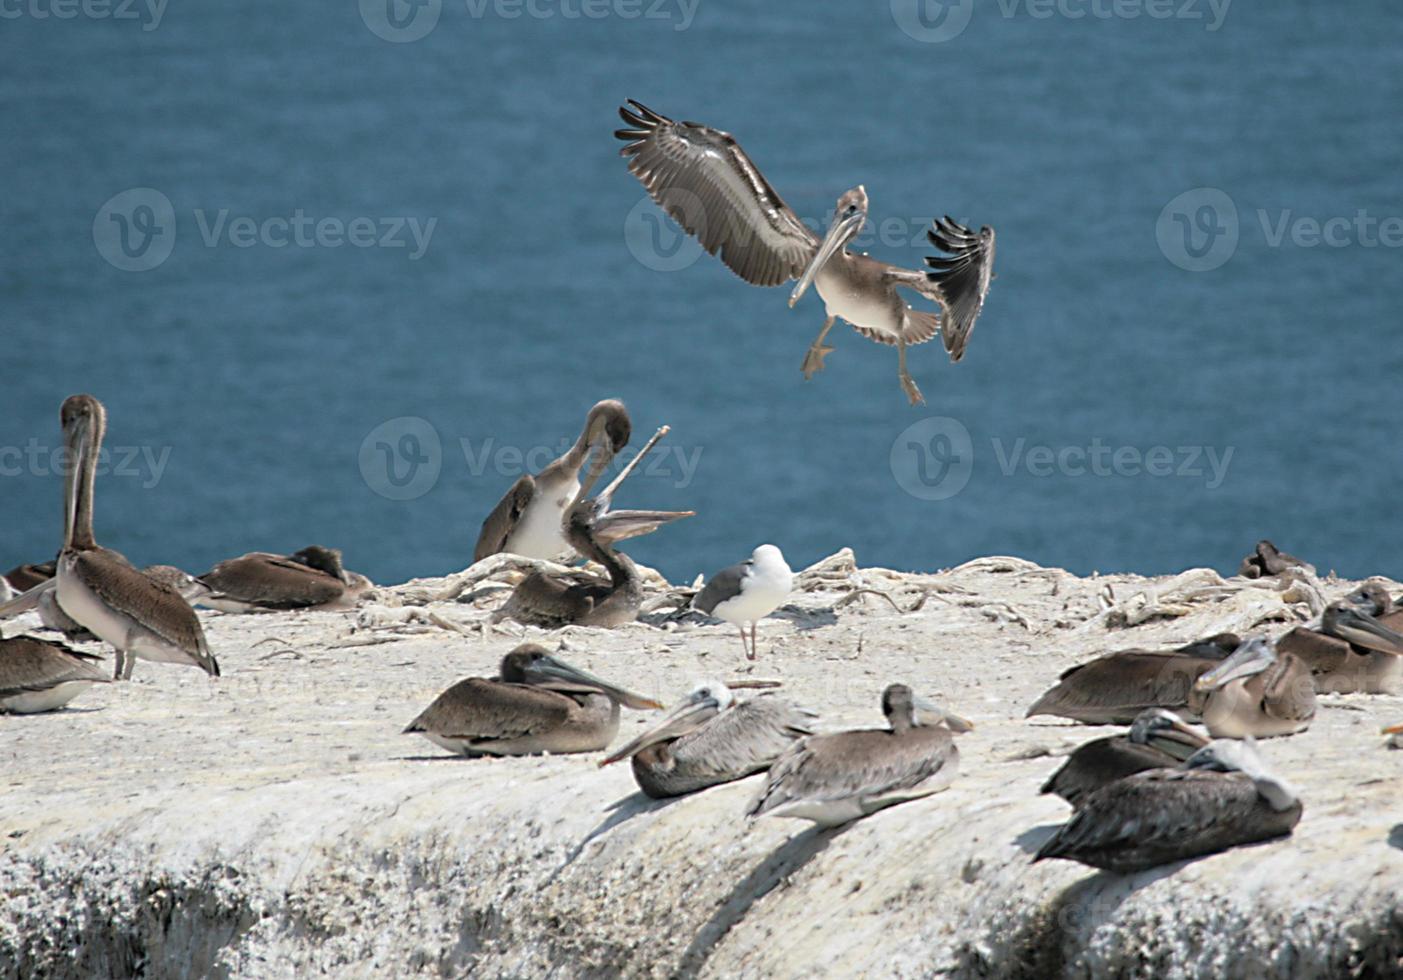 vilda pelikaner på en klippa som kommunicerar foto